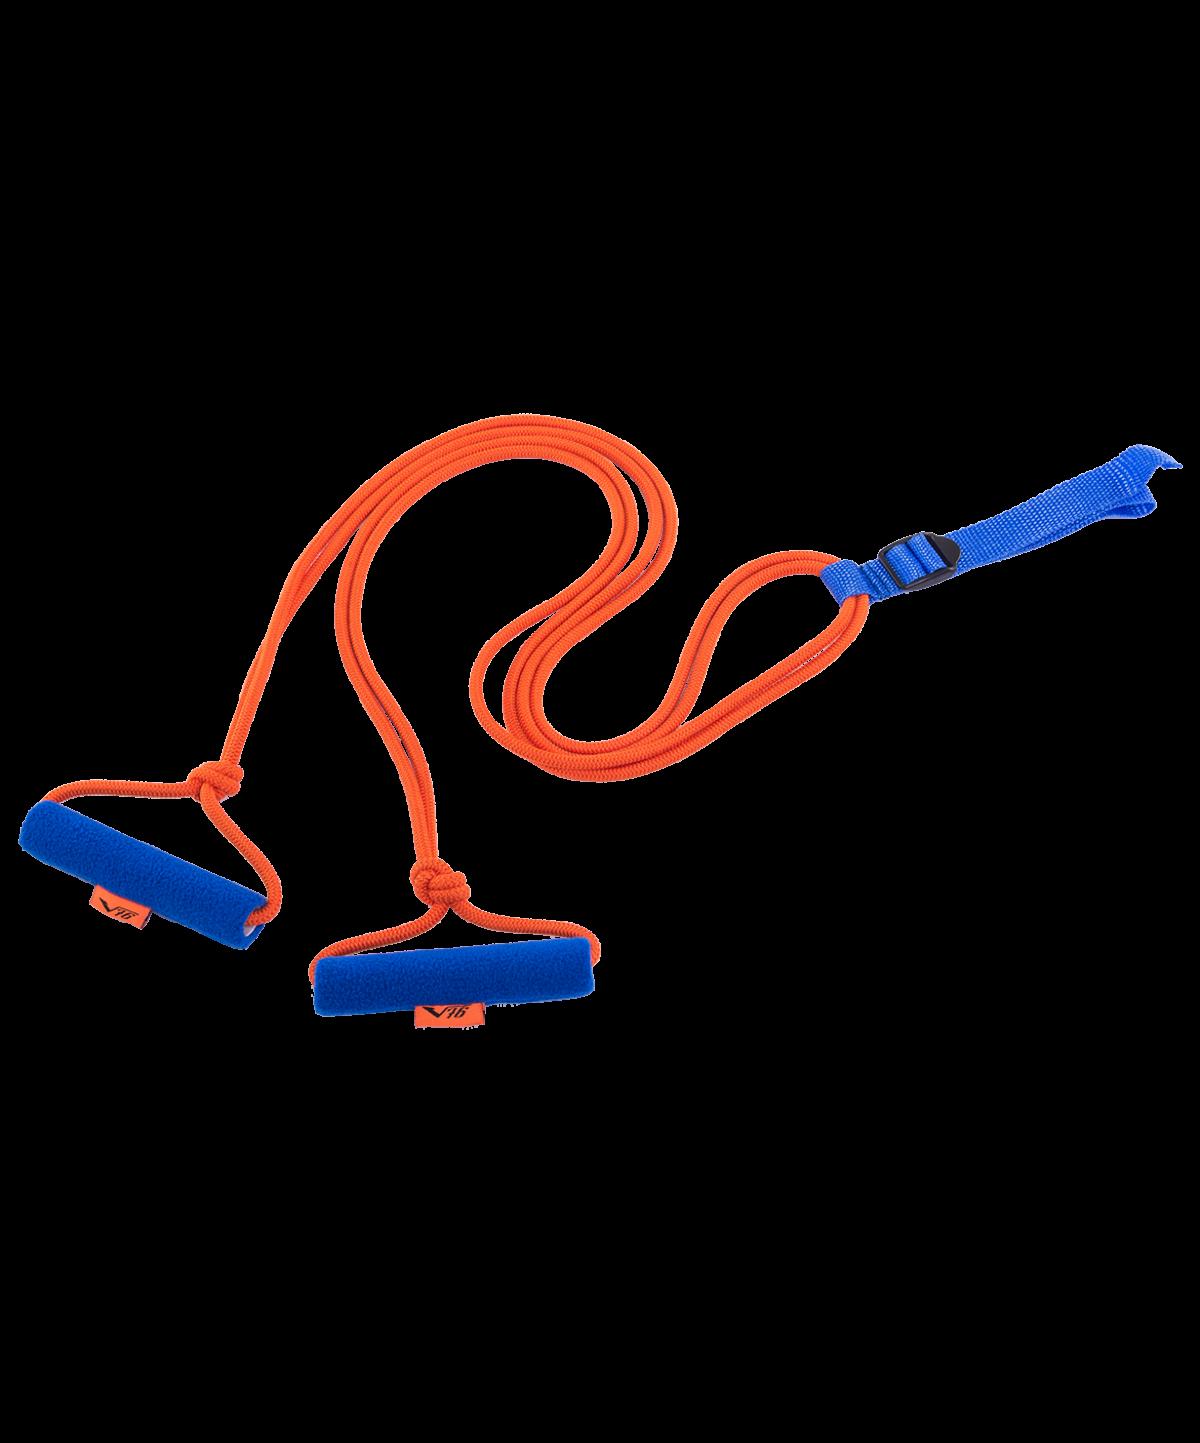 V76 Эспандер лыжника-пловца  взрослый, двойной ЭЛБ-2Р-К - 1